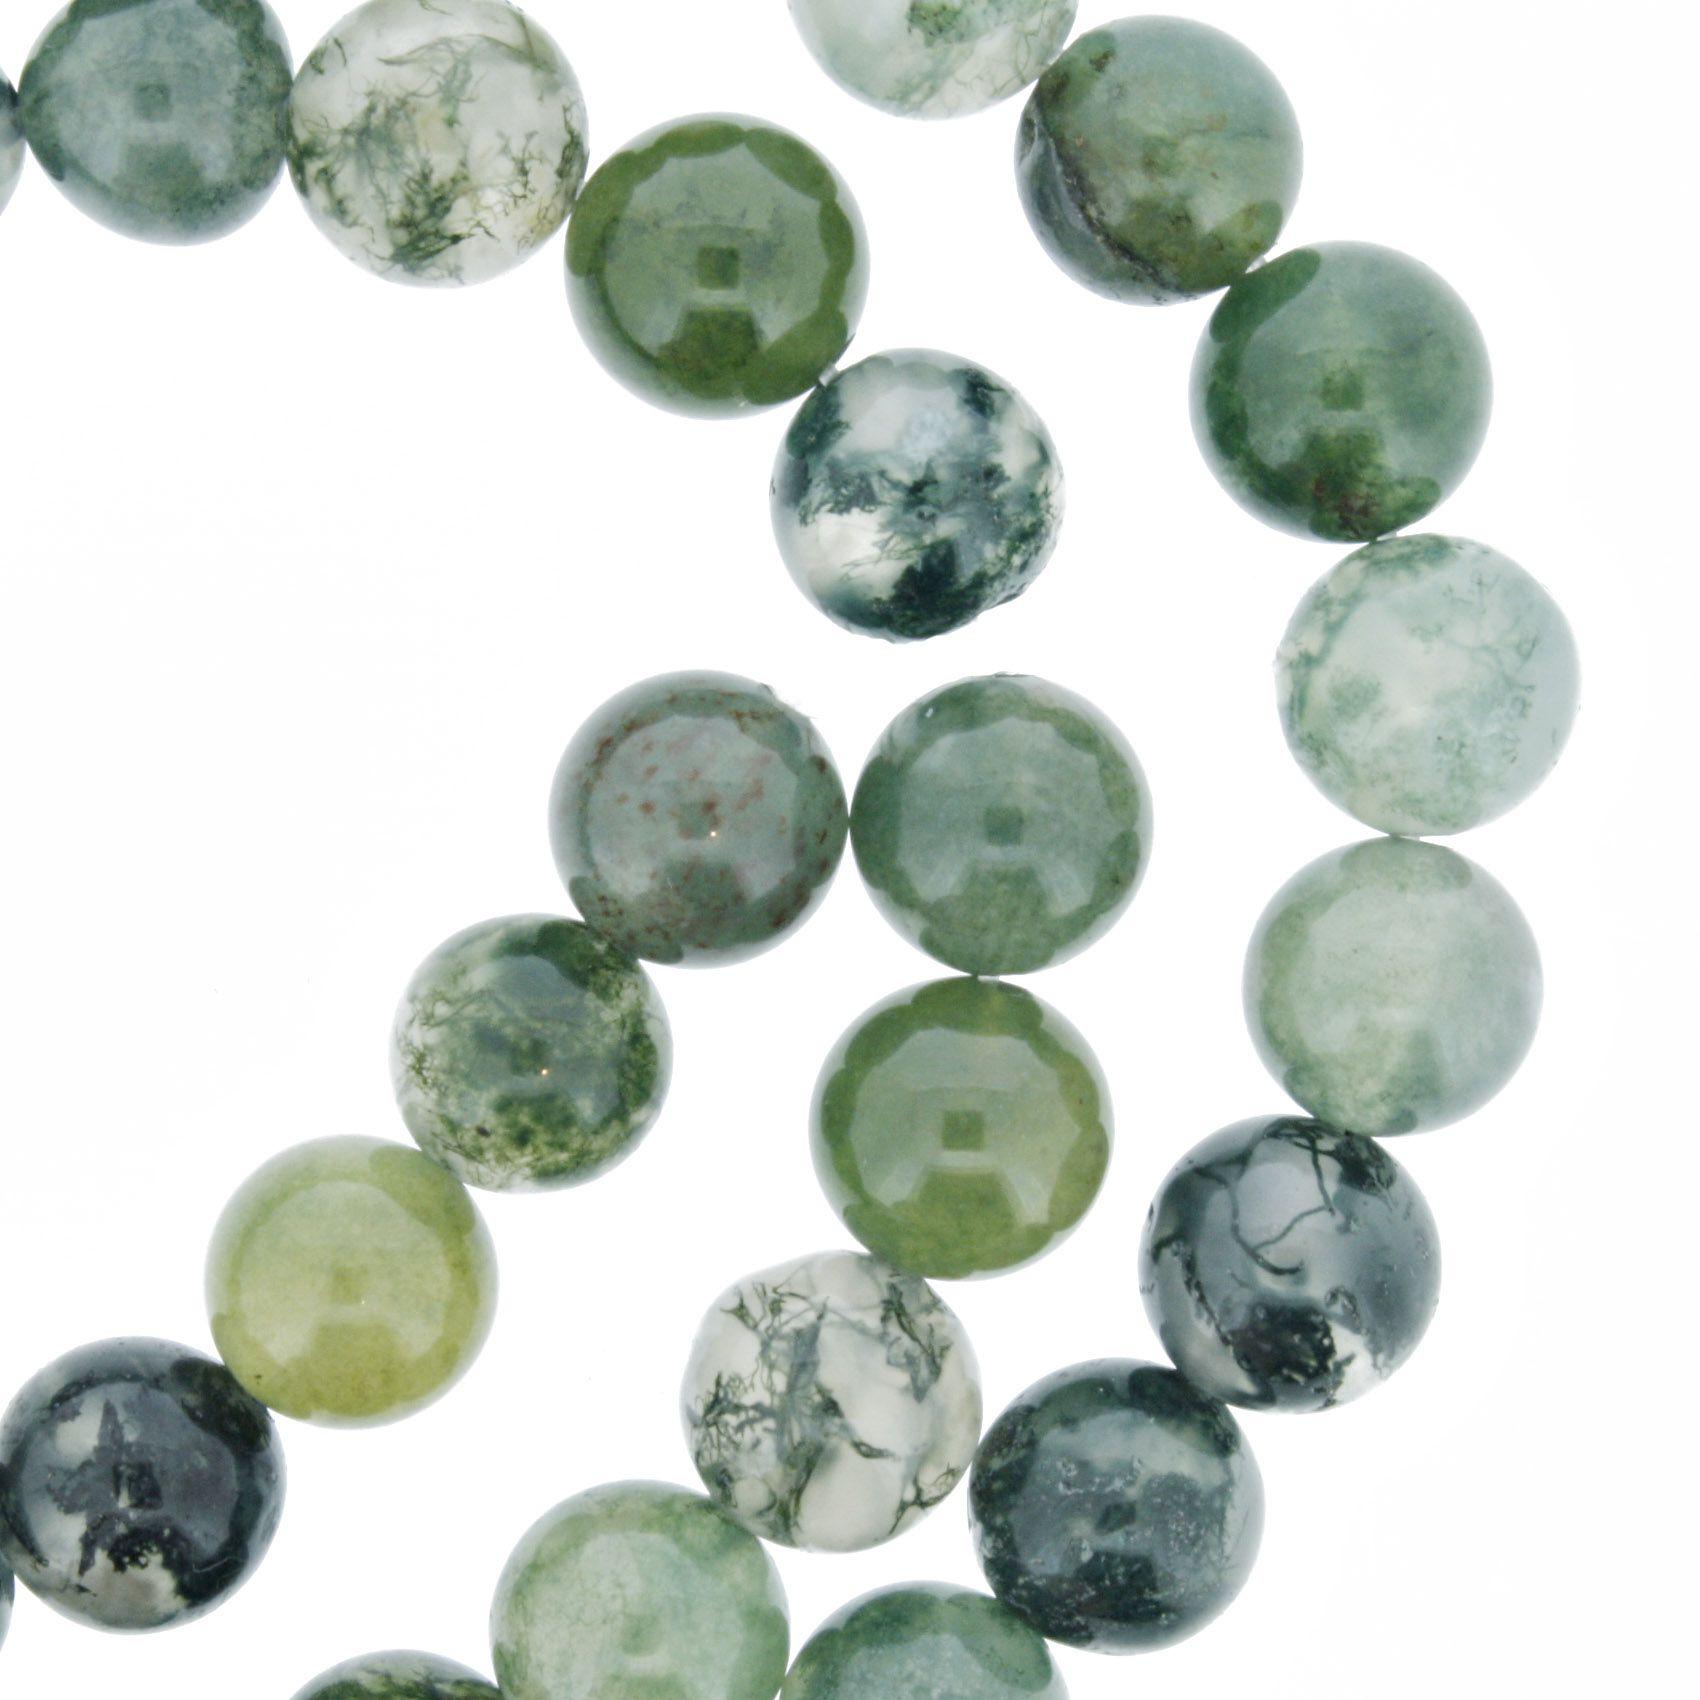 Fio de Pedra - Ágata Verde - 8mm  - Stéphanie Bijoux® - Peças para Bijuterias e Artesanato